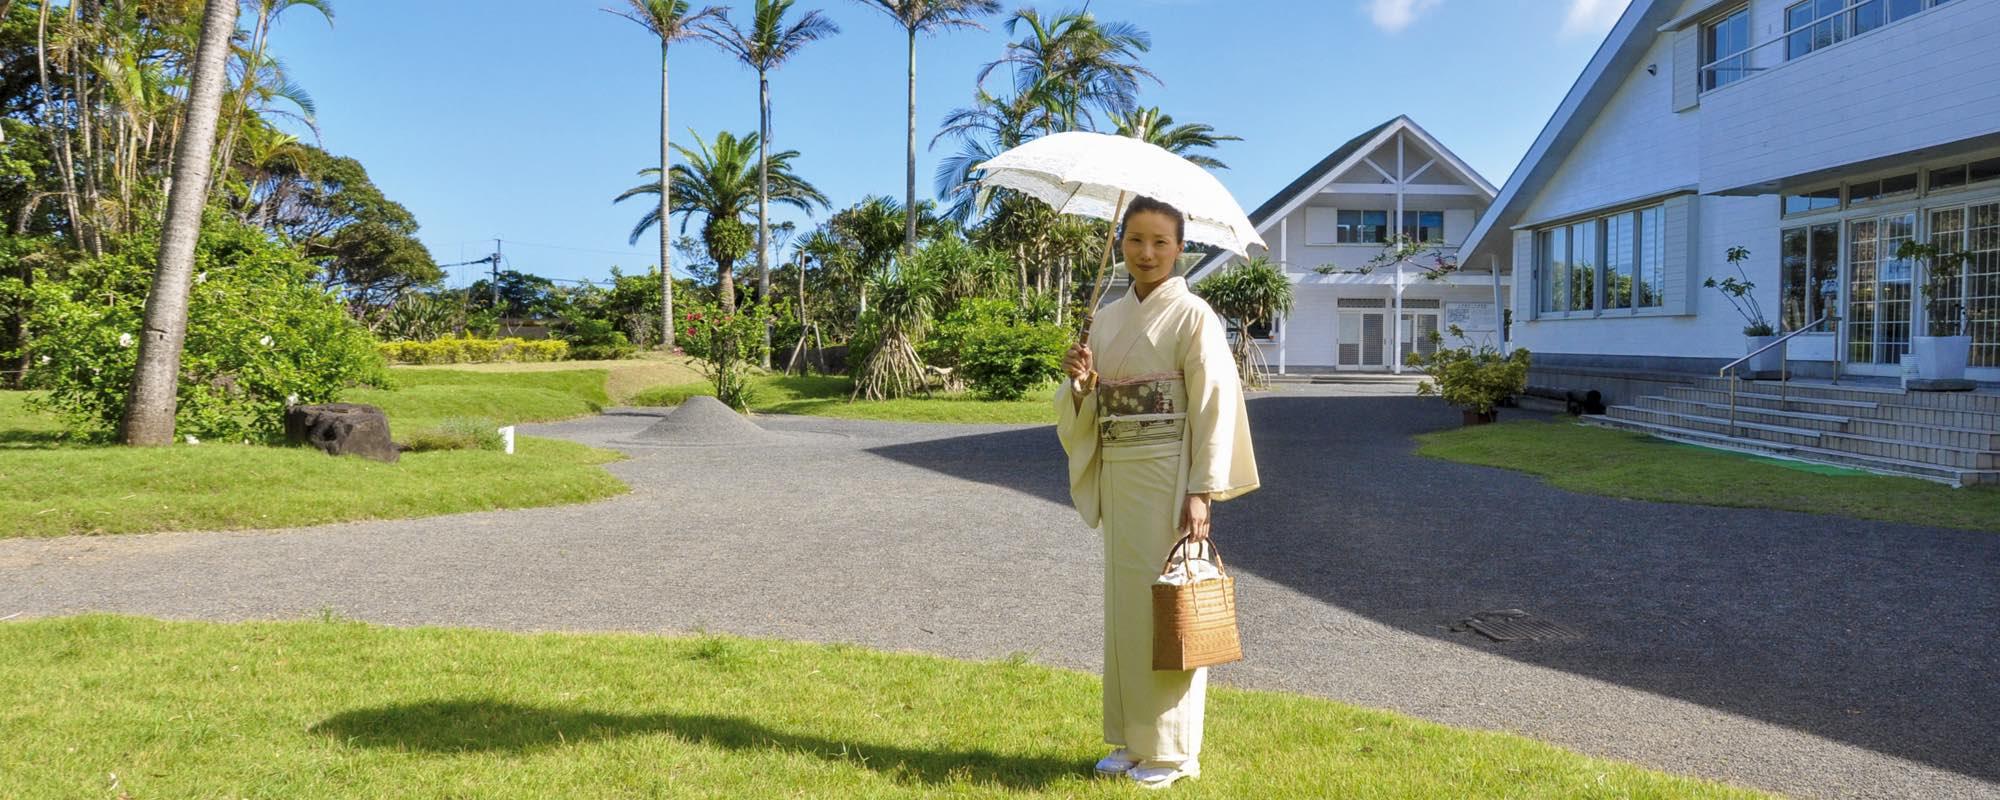 日本が誇る大島紬のテーマパークを亜熱帯植物庭園を散策しながらご案内